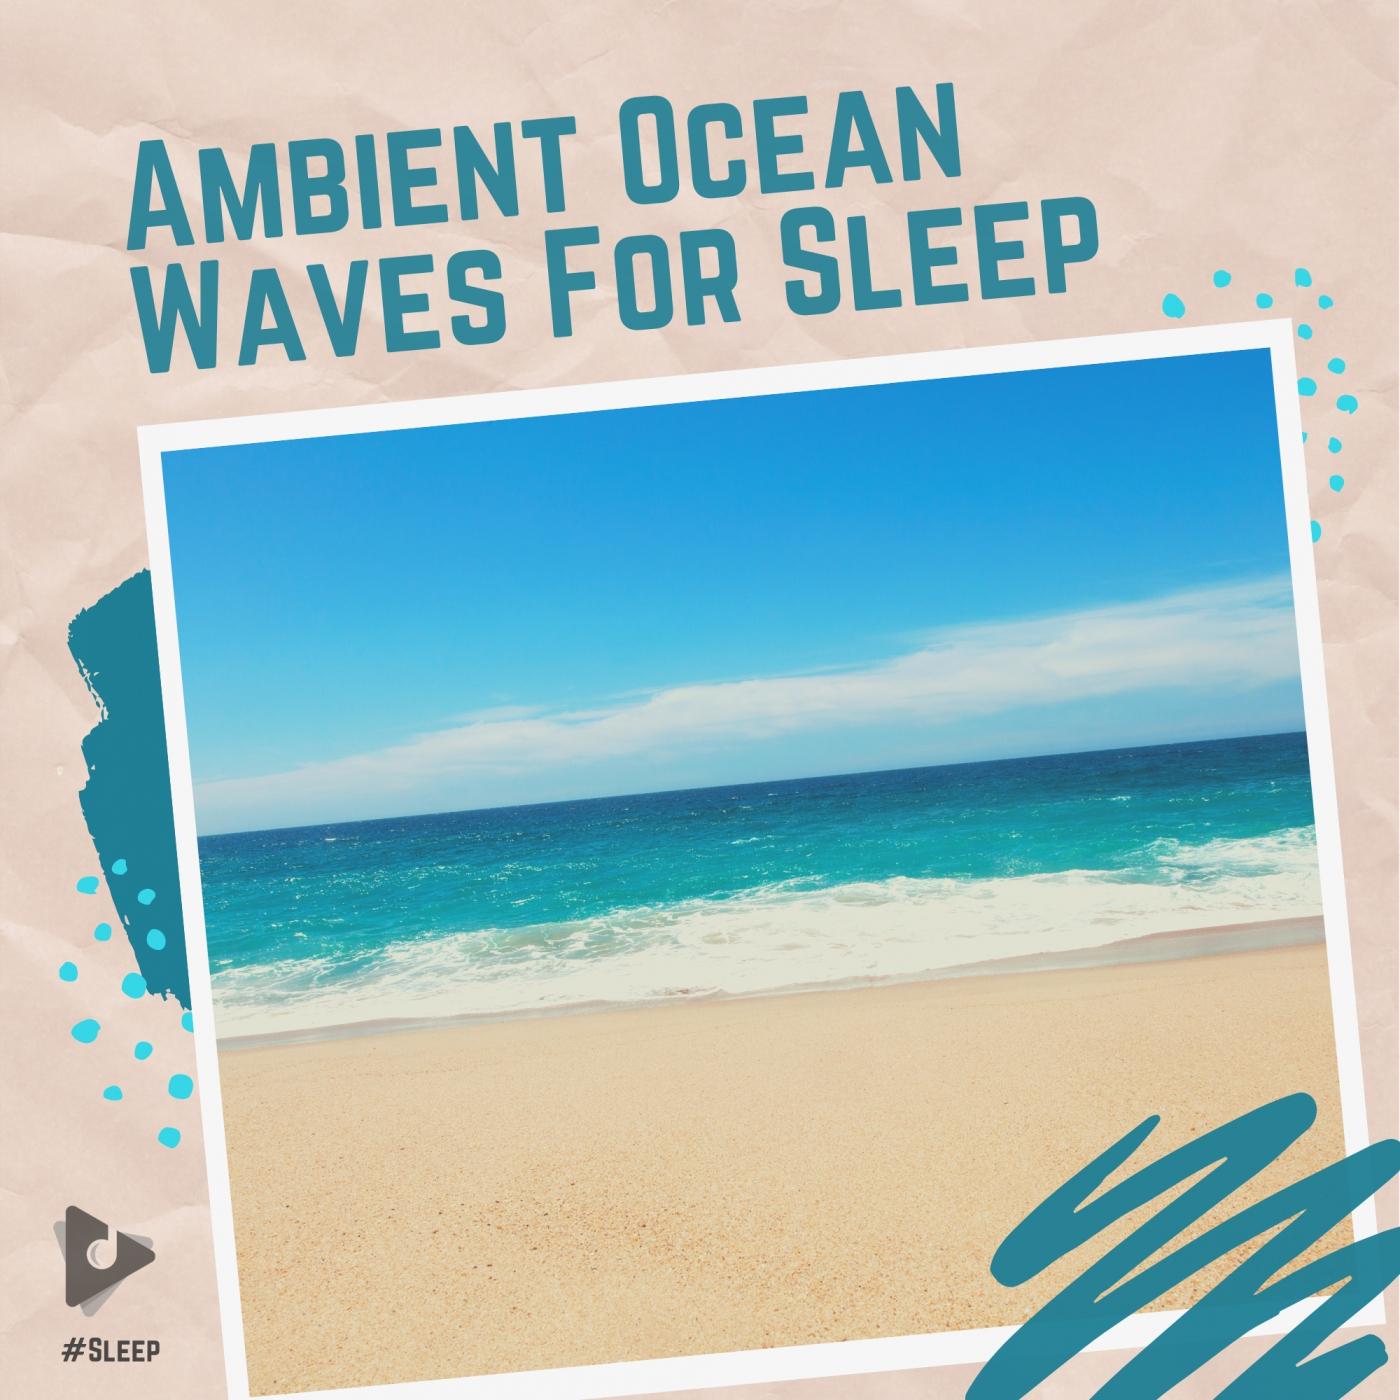 Ambient Ocean Waves For Sleep